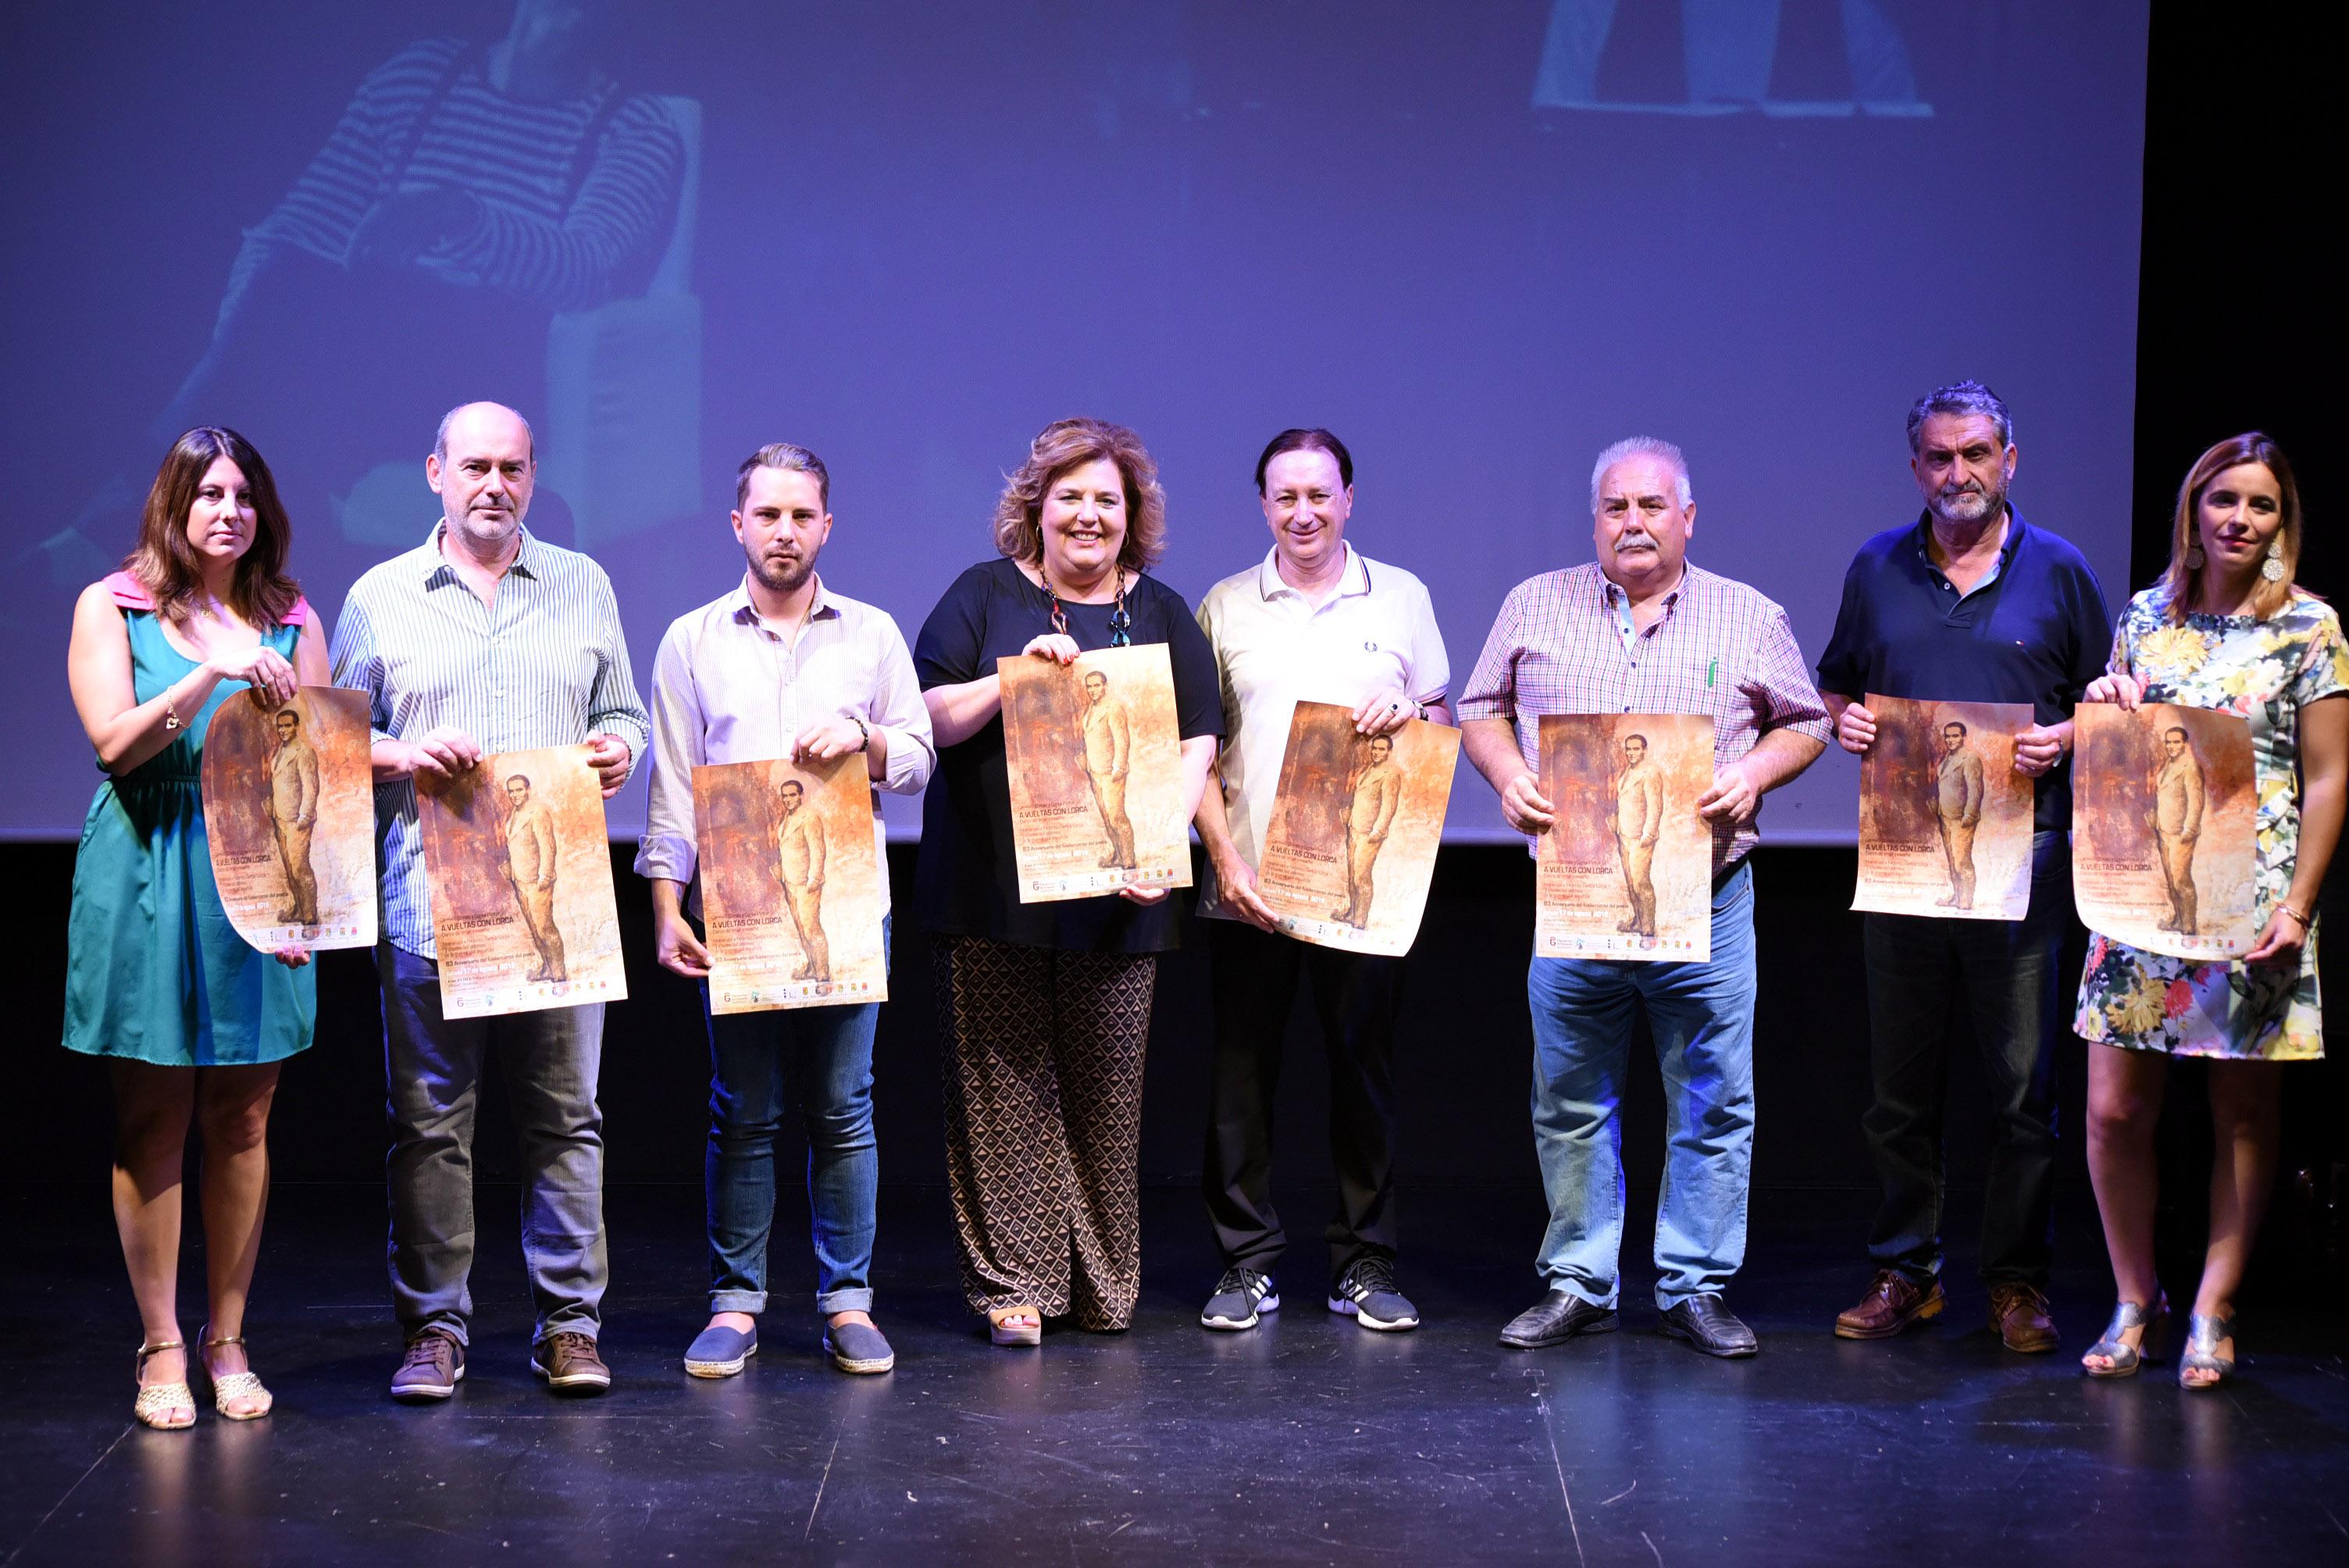 Carmelo Gómez recitará poemas de Lorca en el homenaje al poeta en Alfacar del 17 de agosto